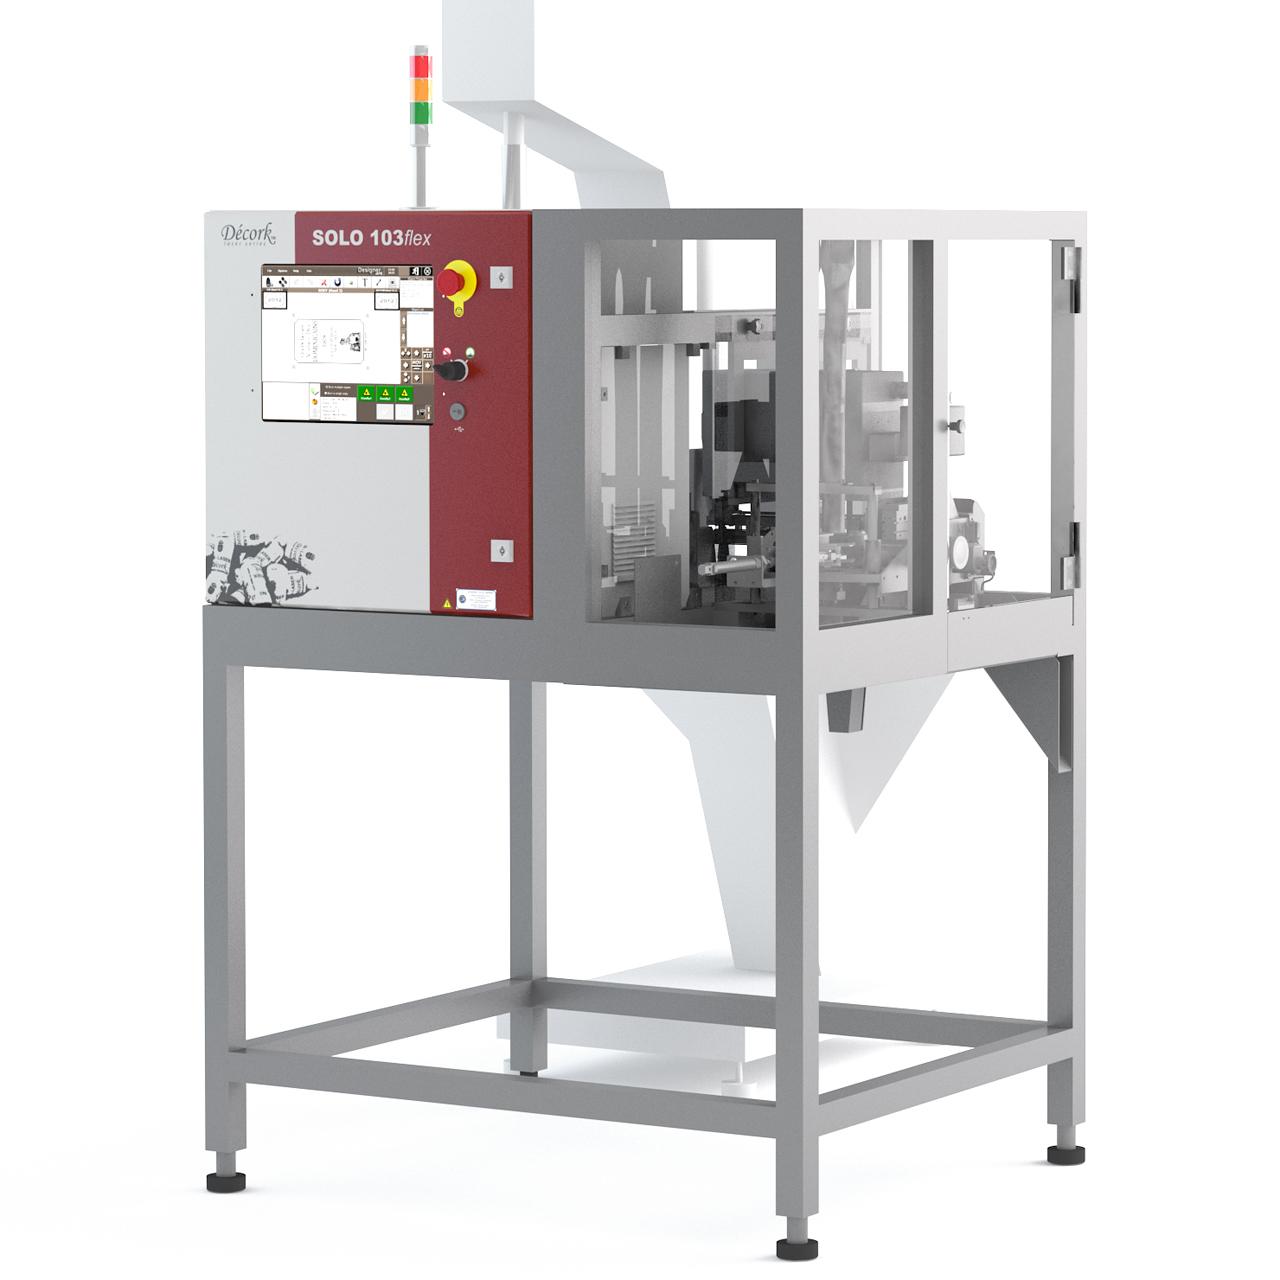 Décork SOLO 103 flex Laser System